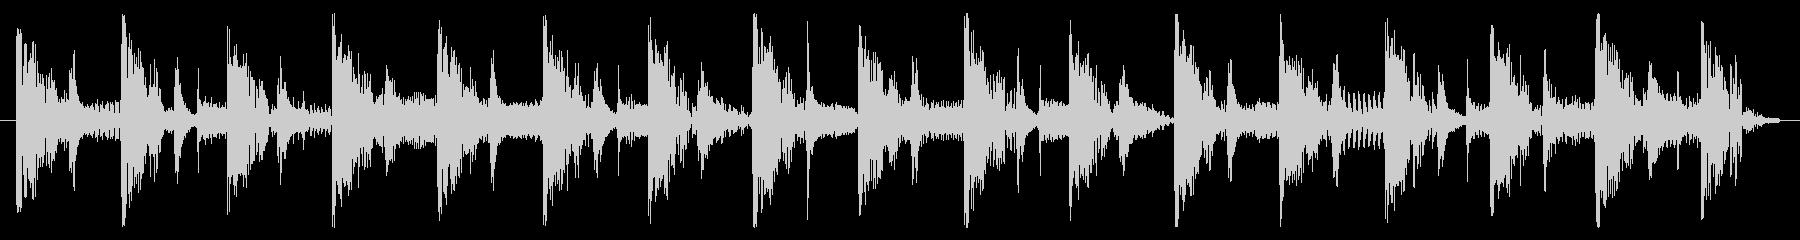 ベース生演奏のクールスラップジングル01の未再生の波形